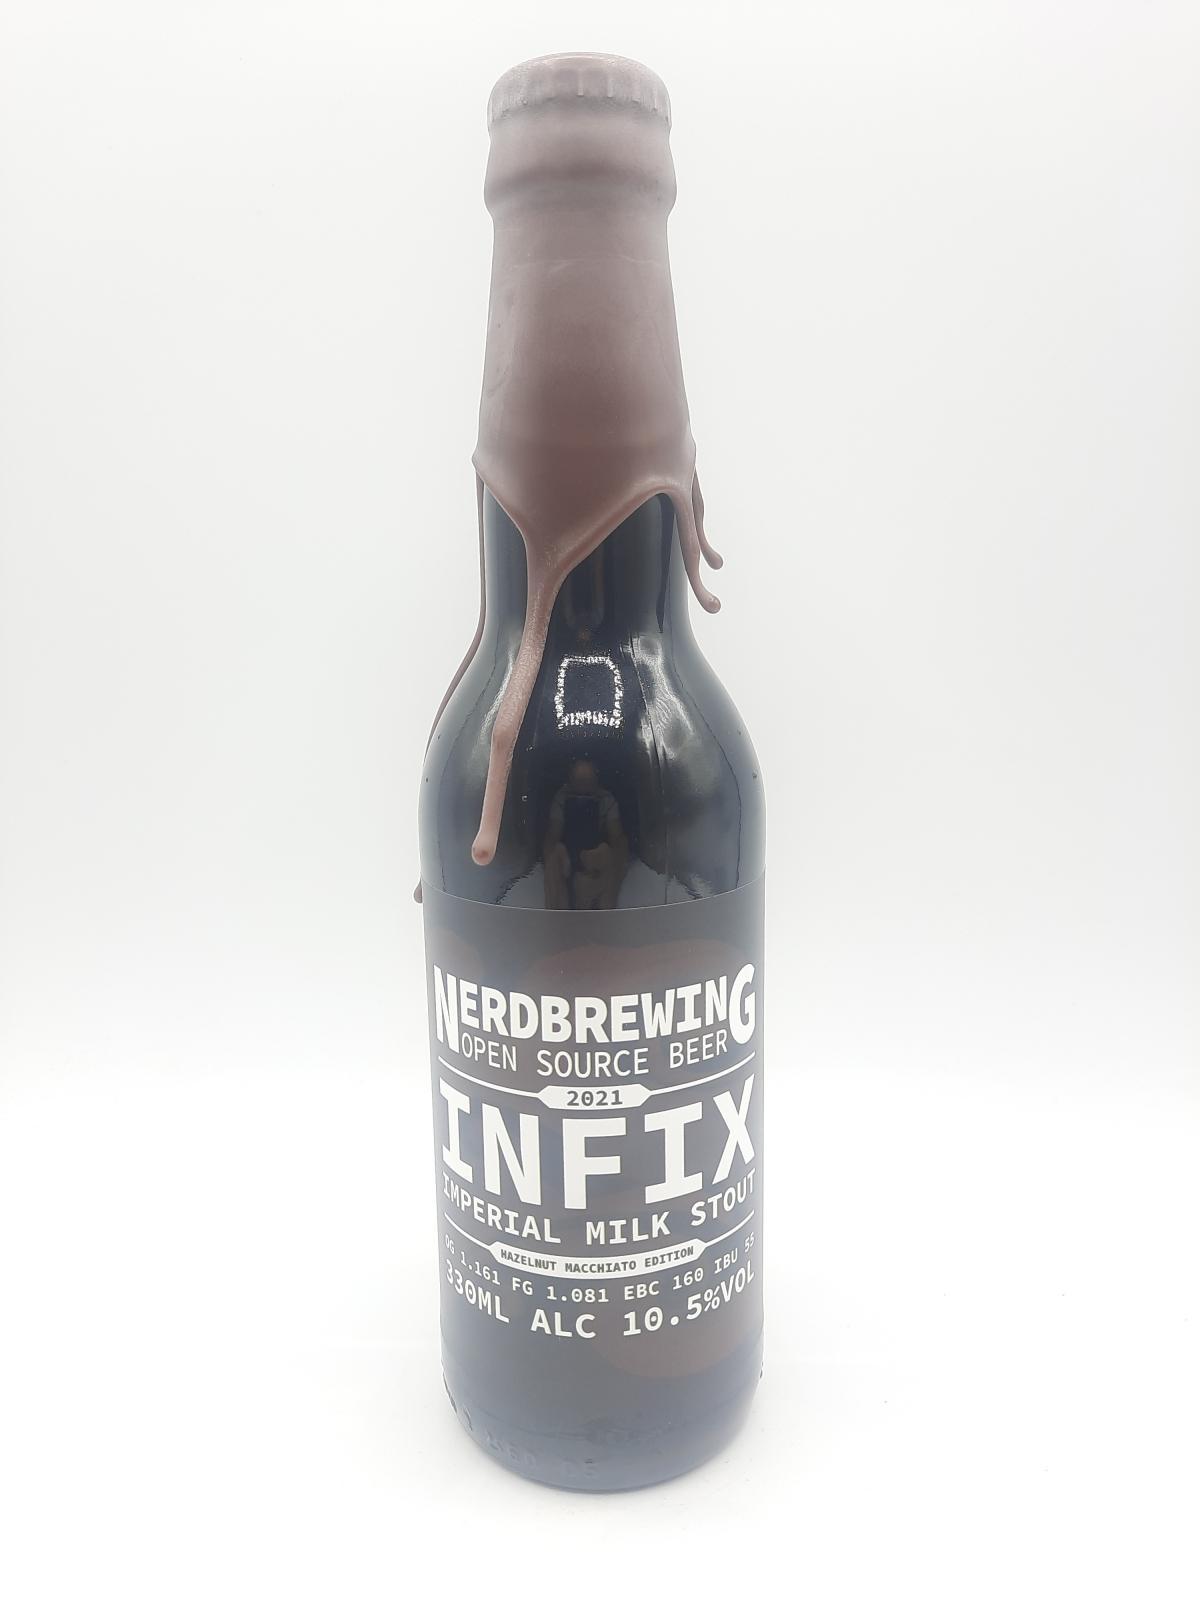 Img Infix Imperial Milk Stout Hazelnut Machiato Edition